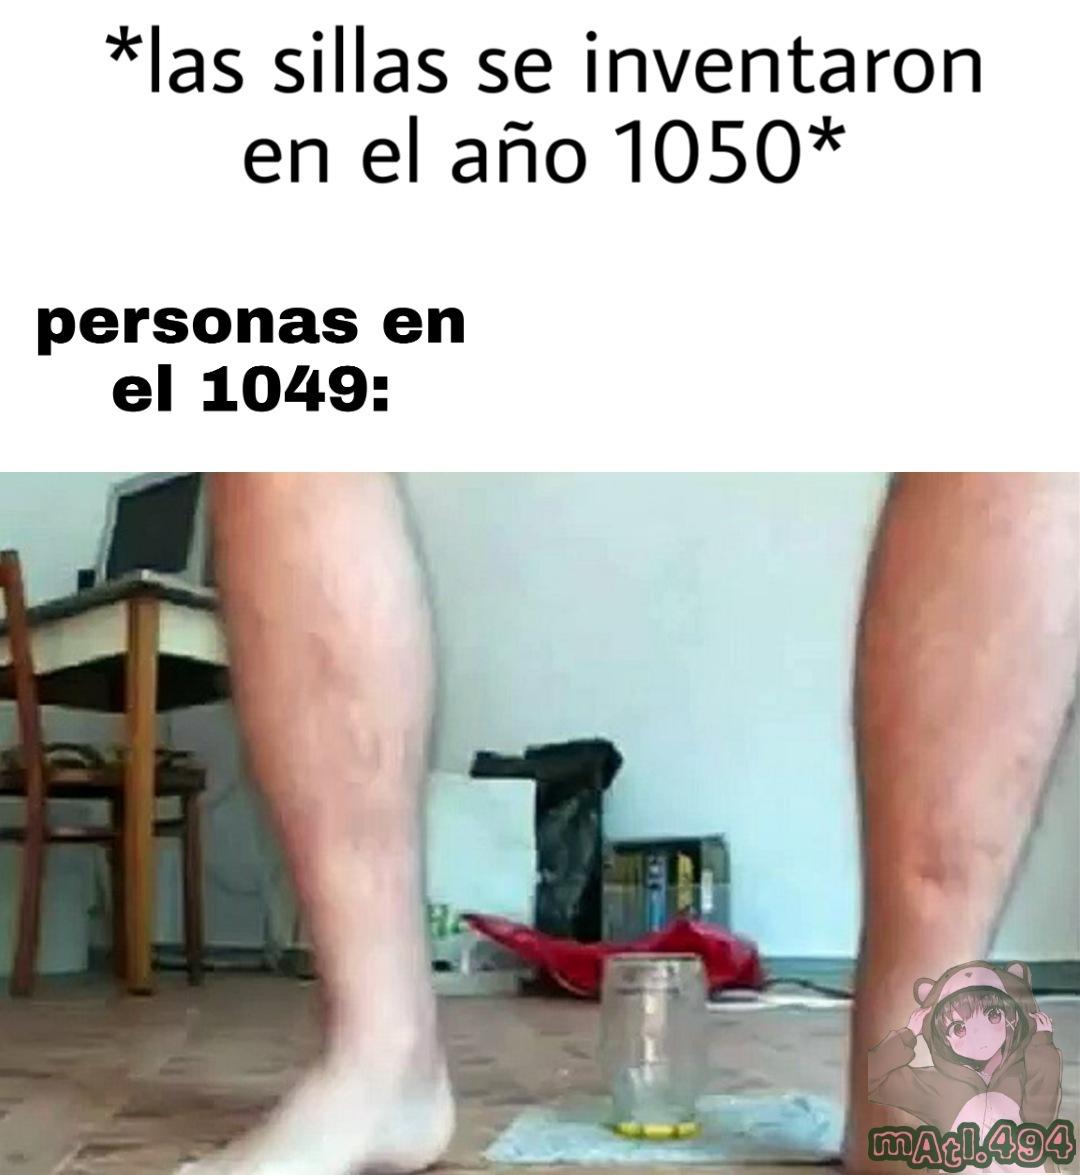 Noo0o00 - meme